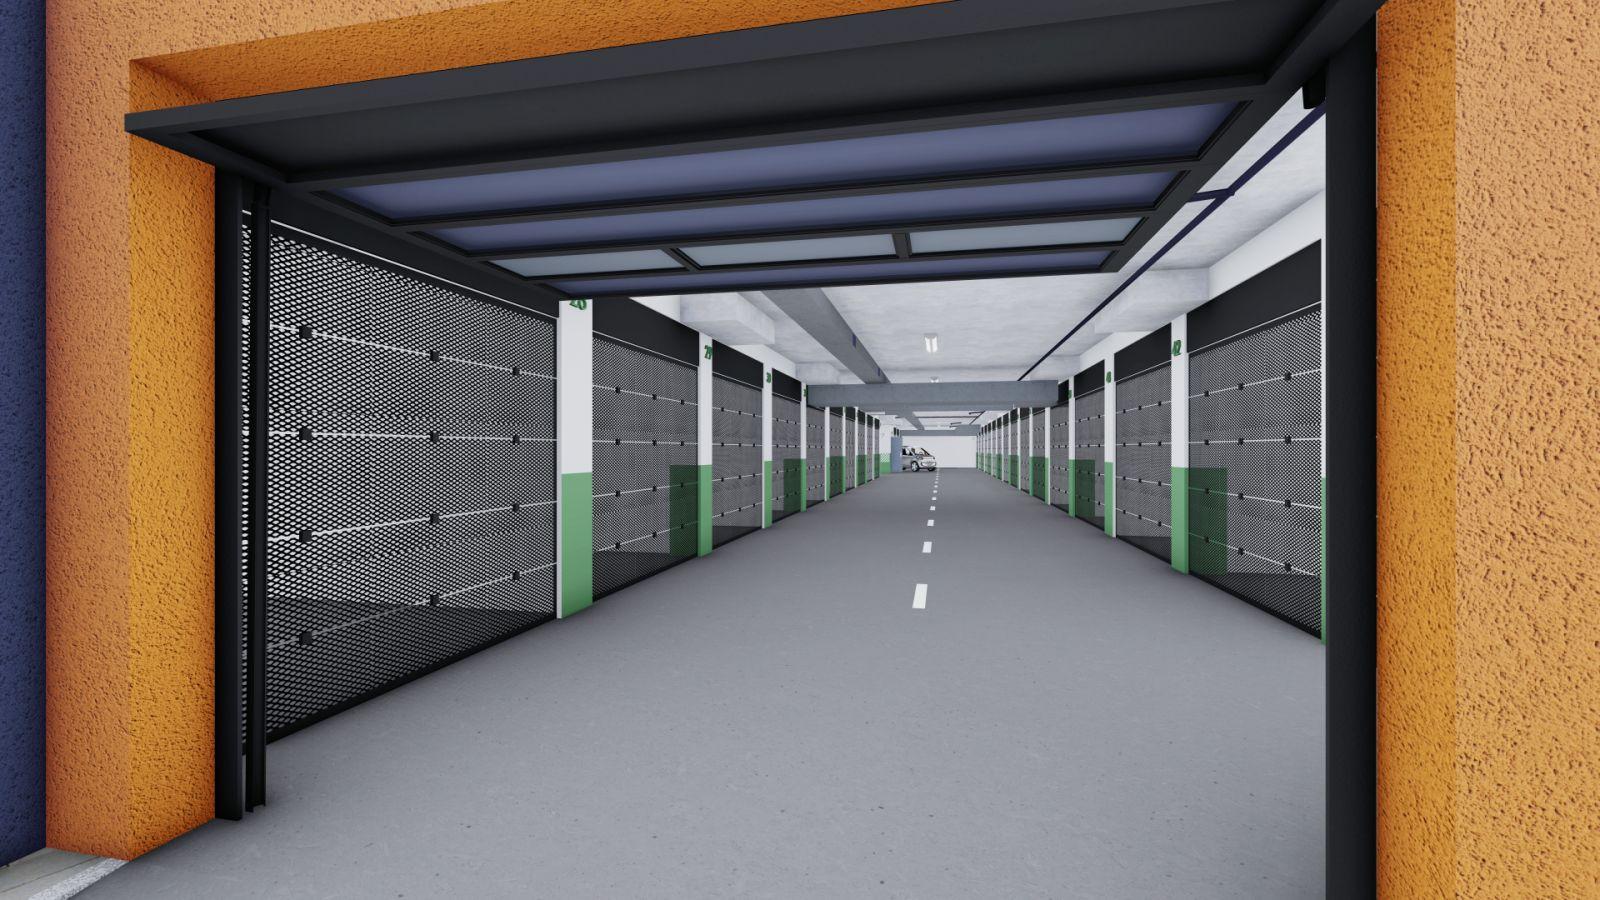 Підземний паркінг з окремо виділеними паркомісцями